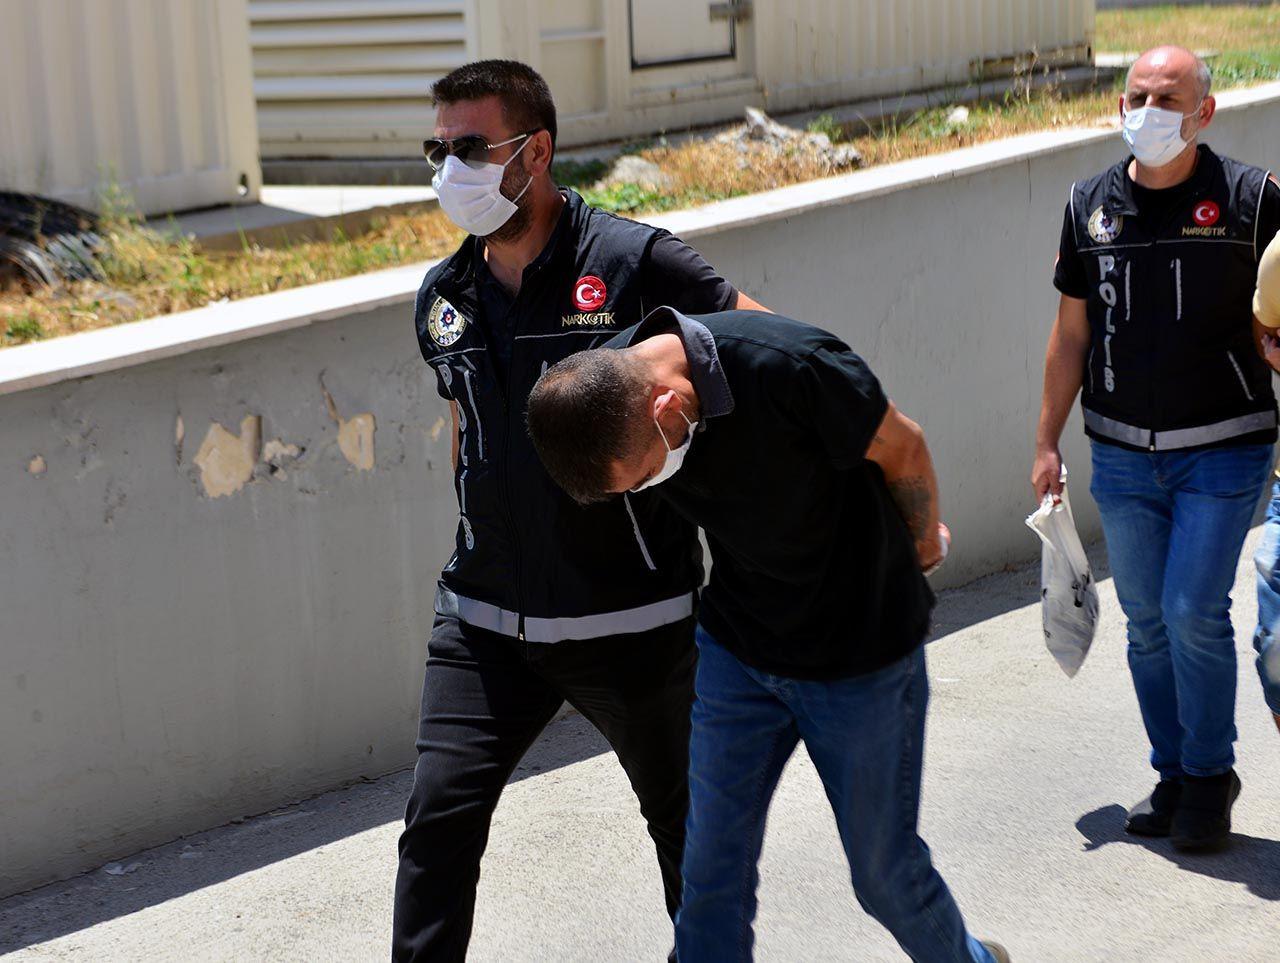 Adana'da uyuşturucu baskını: Sıfır Bir dizisinin oyuncusu gözaltına alındı - Resim: 1